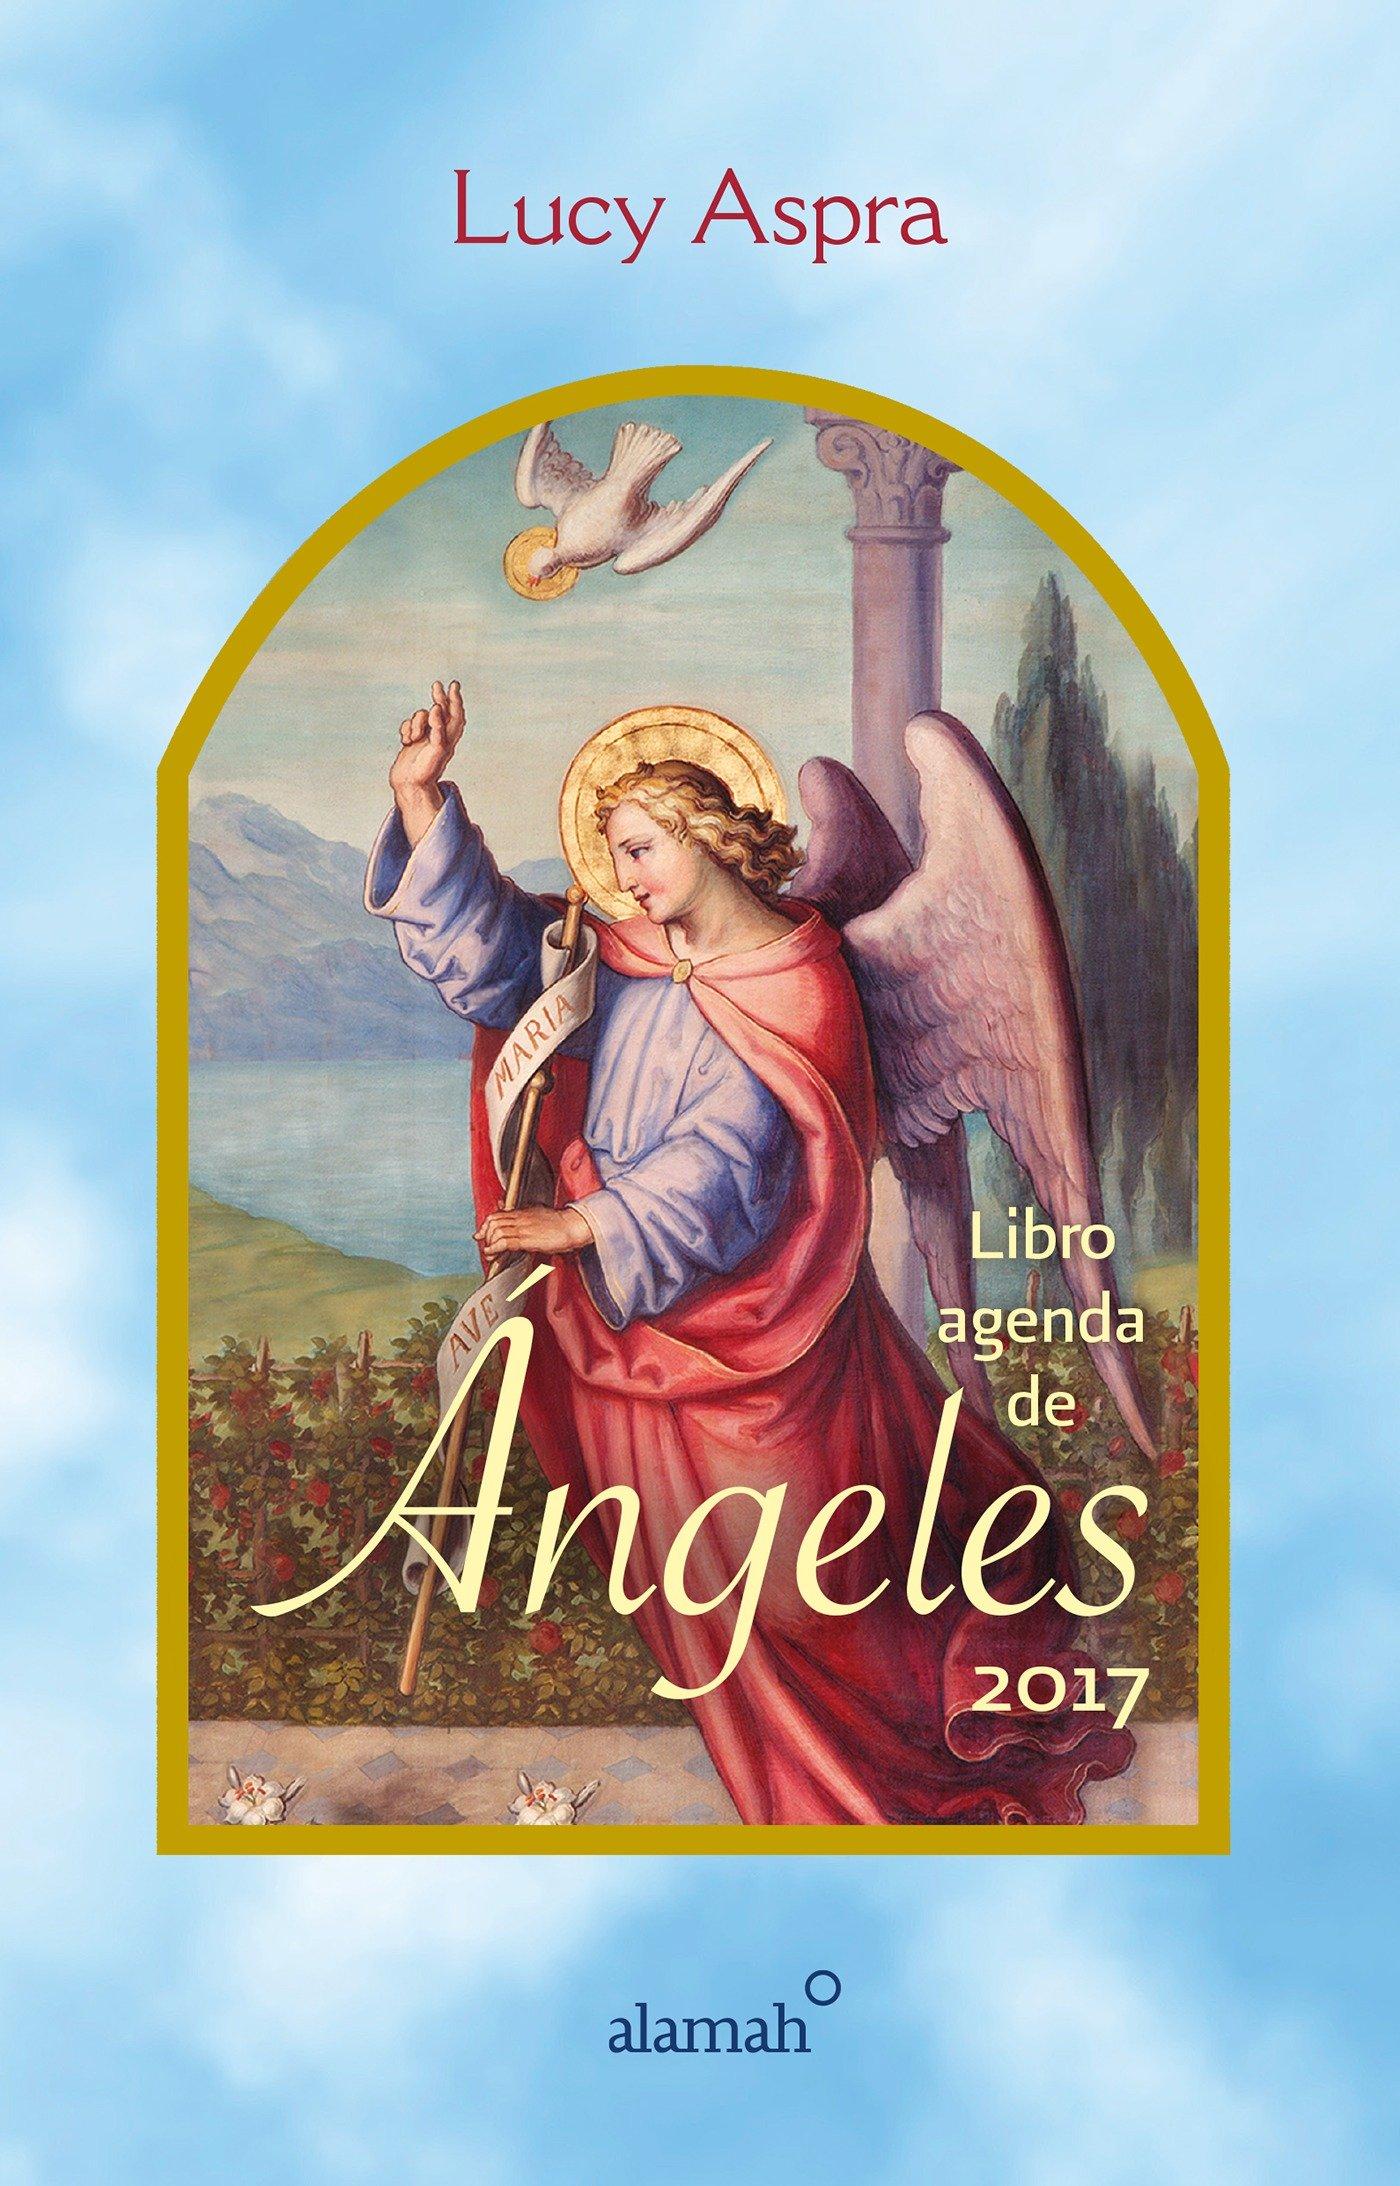 Libro Agenda de Angeles 2017 / 2017 Angels Agenda: Amazon.es: Lucy Aspra: Libros